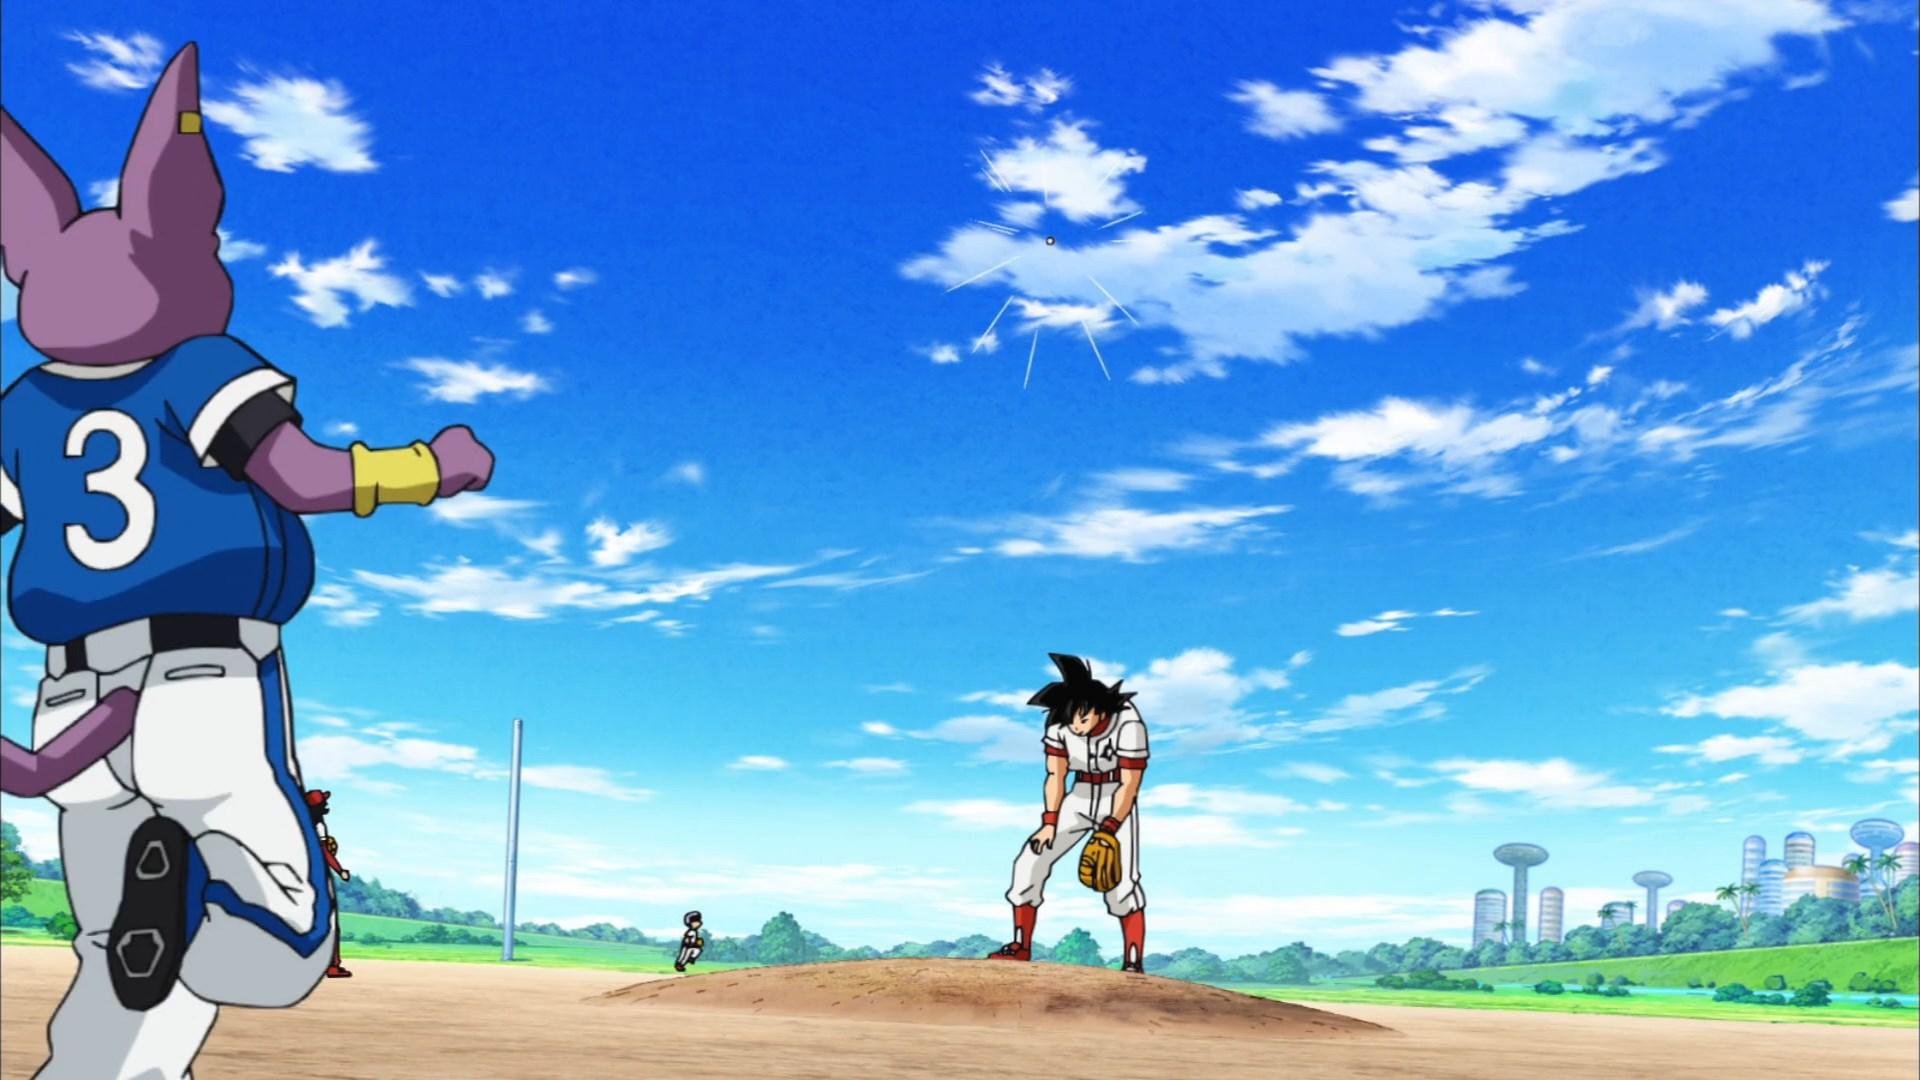 [DS] Dragon Ball Super 070 [1080p].mkv_snapshot_10.48_[2016.12.11_03.44.32]